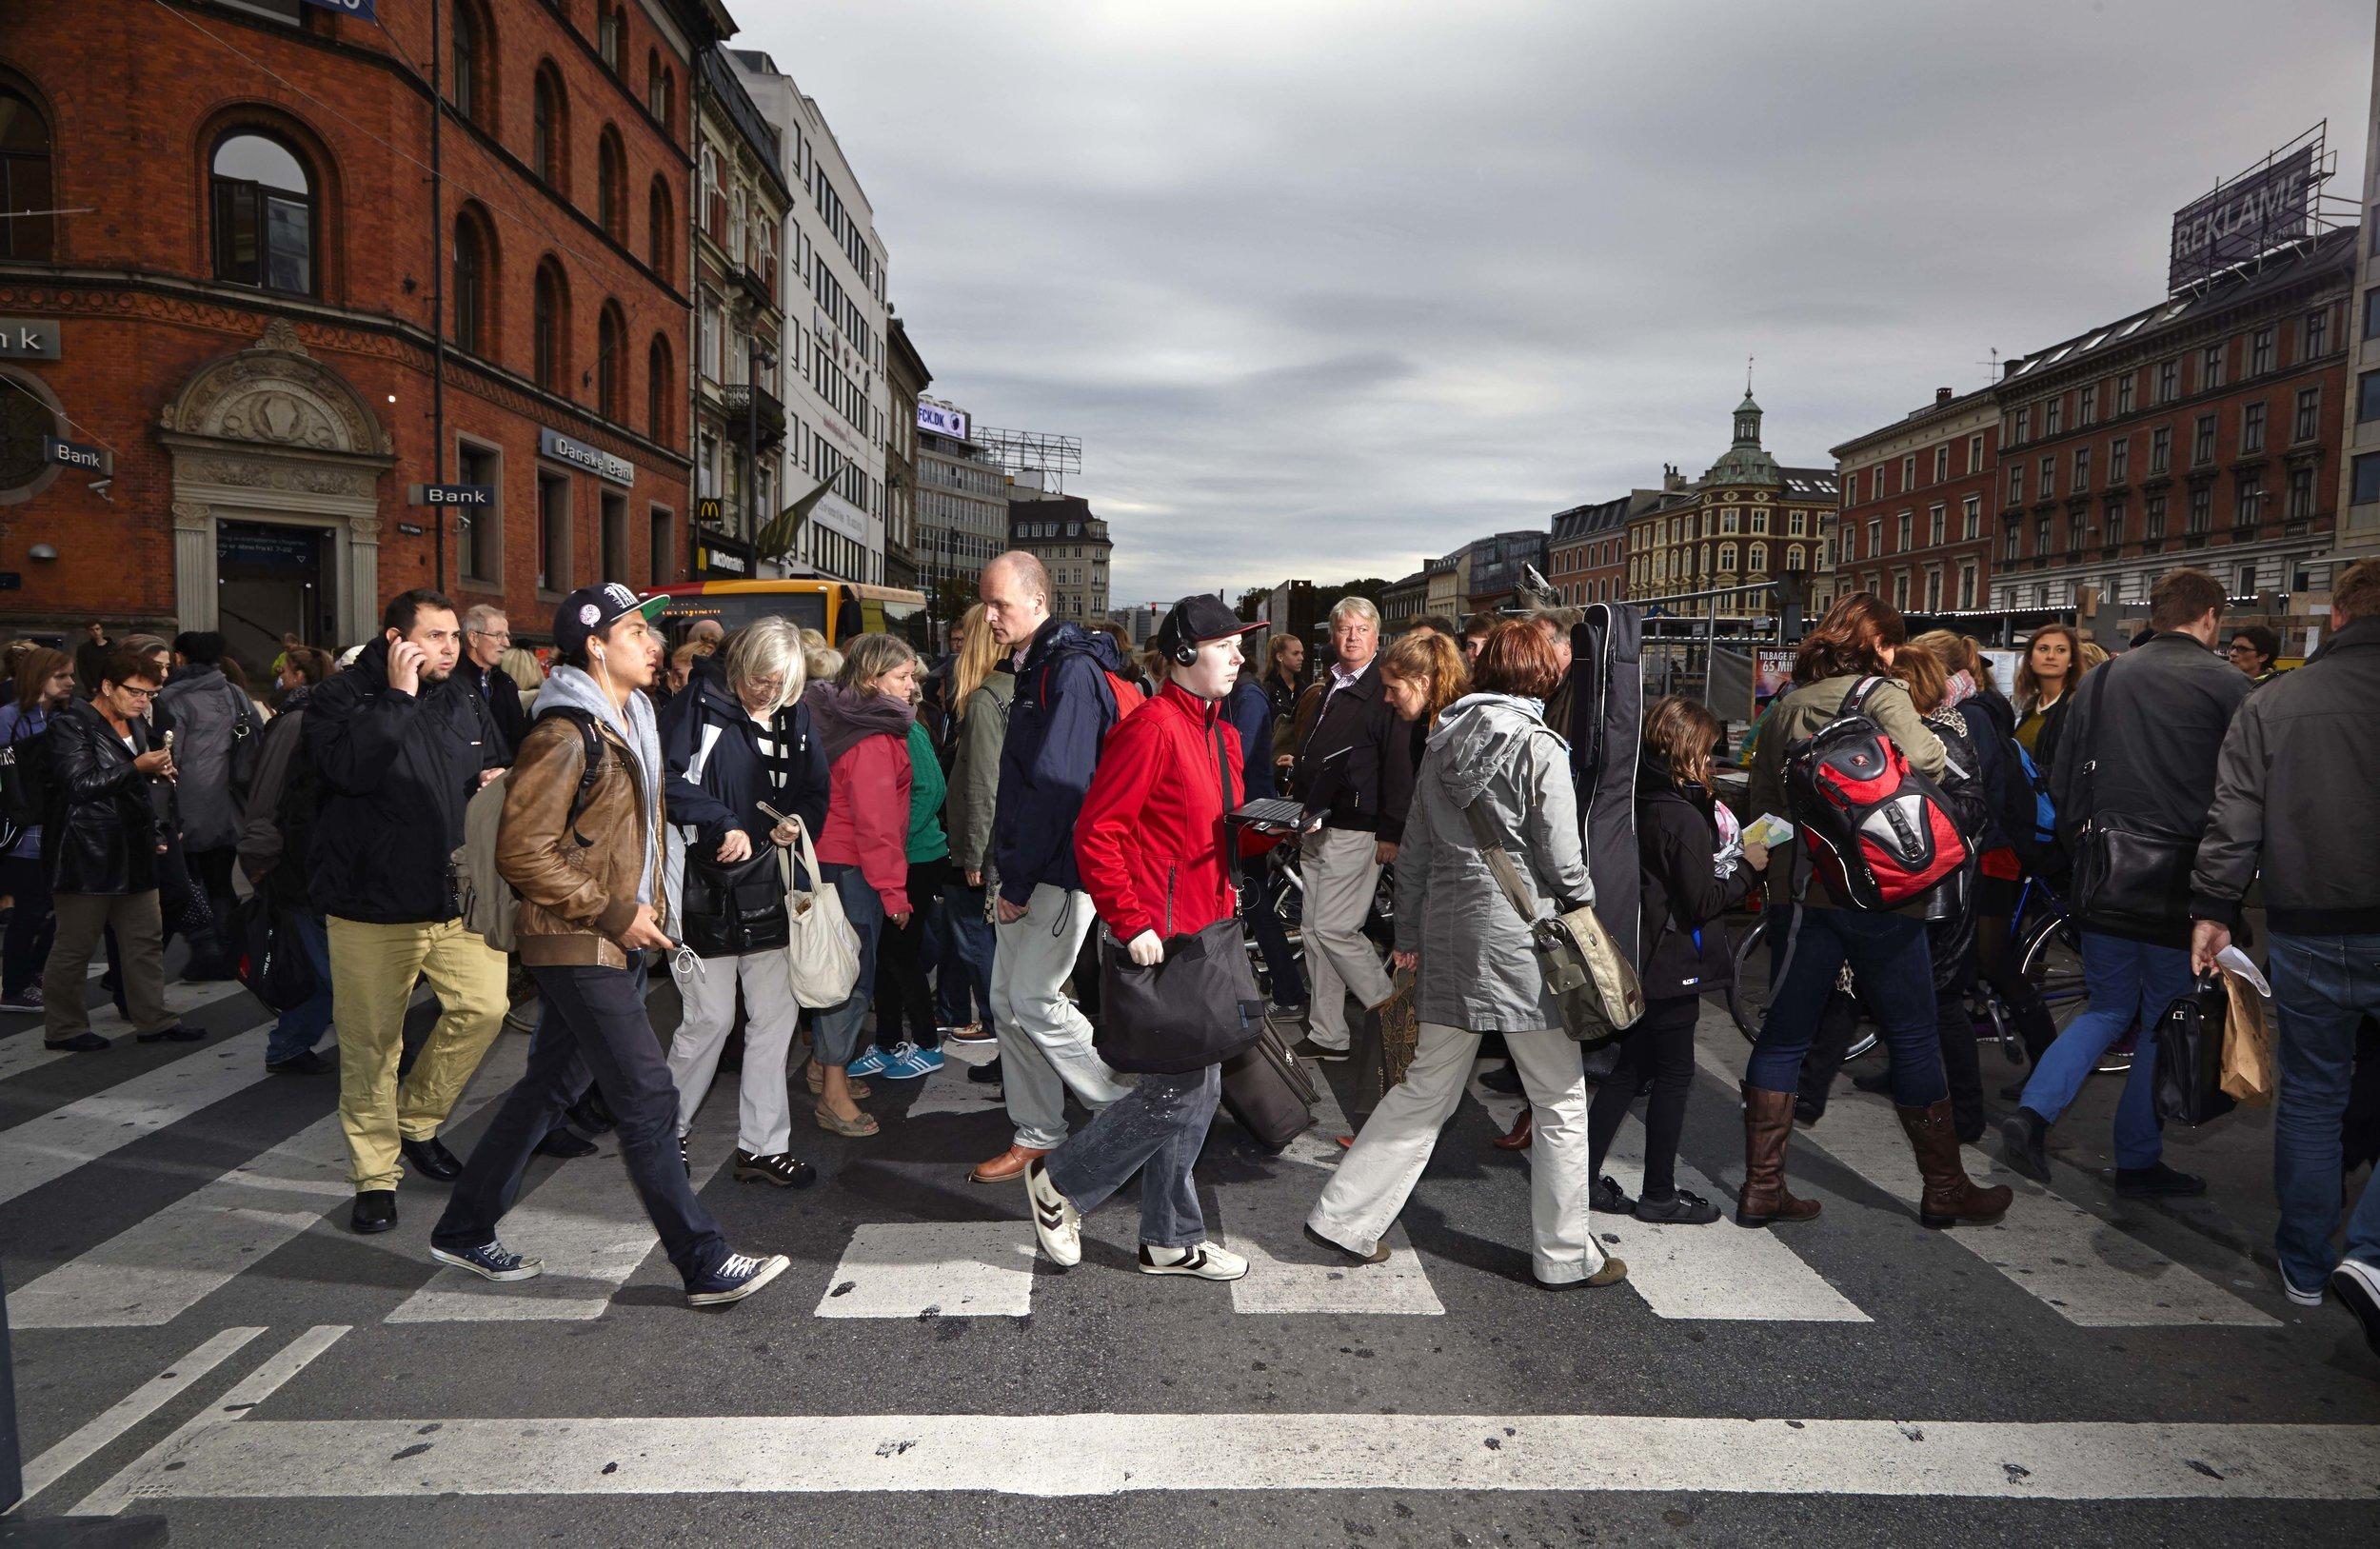 Copenhagen_Denmark_Crossing_Europe_Poike_Stomps_MG_9239.jpg